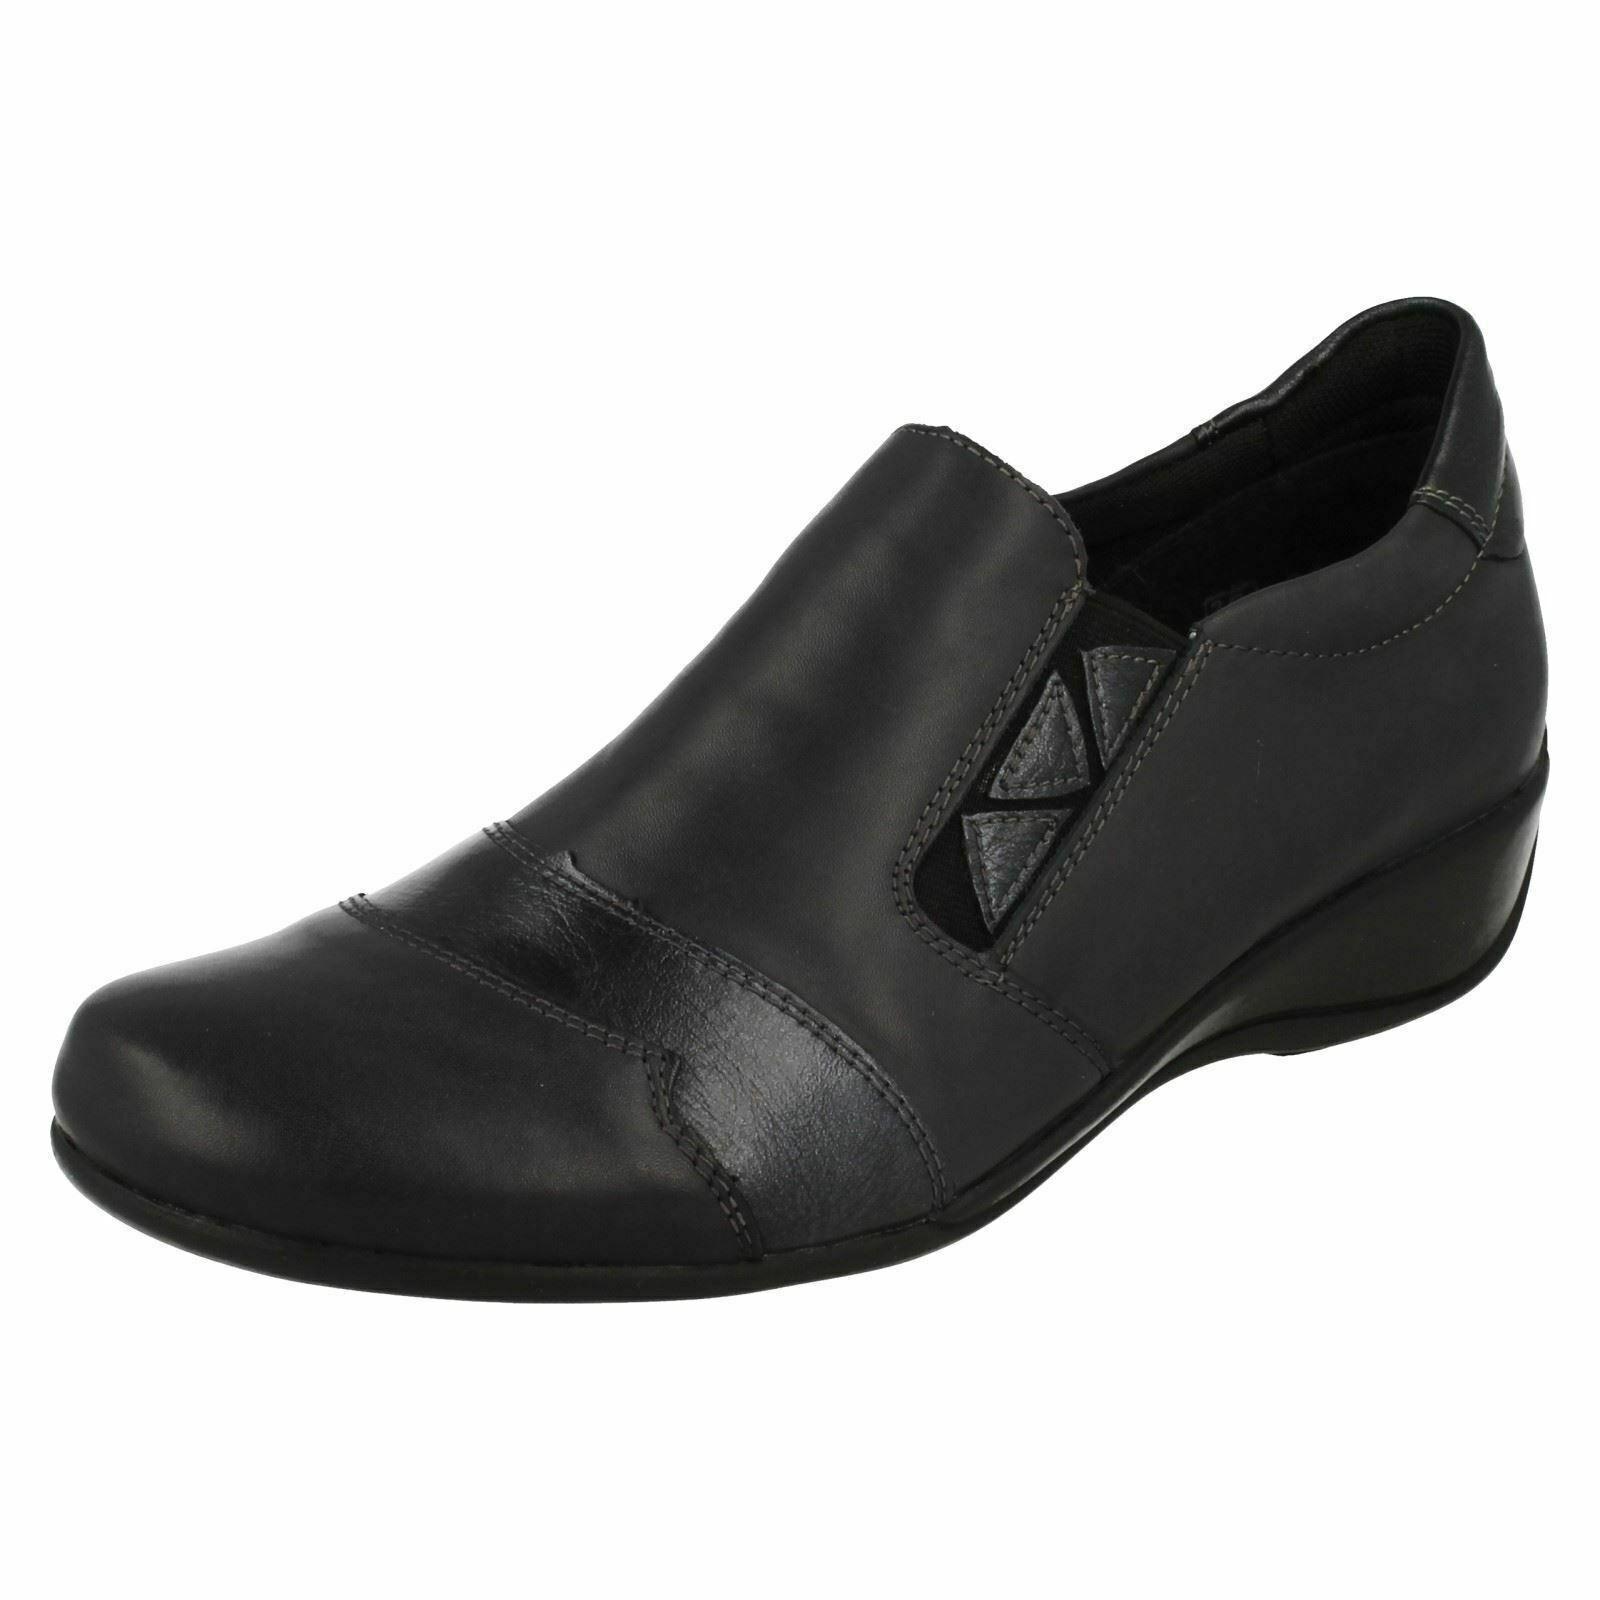 Remonte R9814 Damen Freizeit Slipper Flach Leder Alltag Smart Schuhe Größe